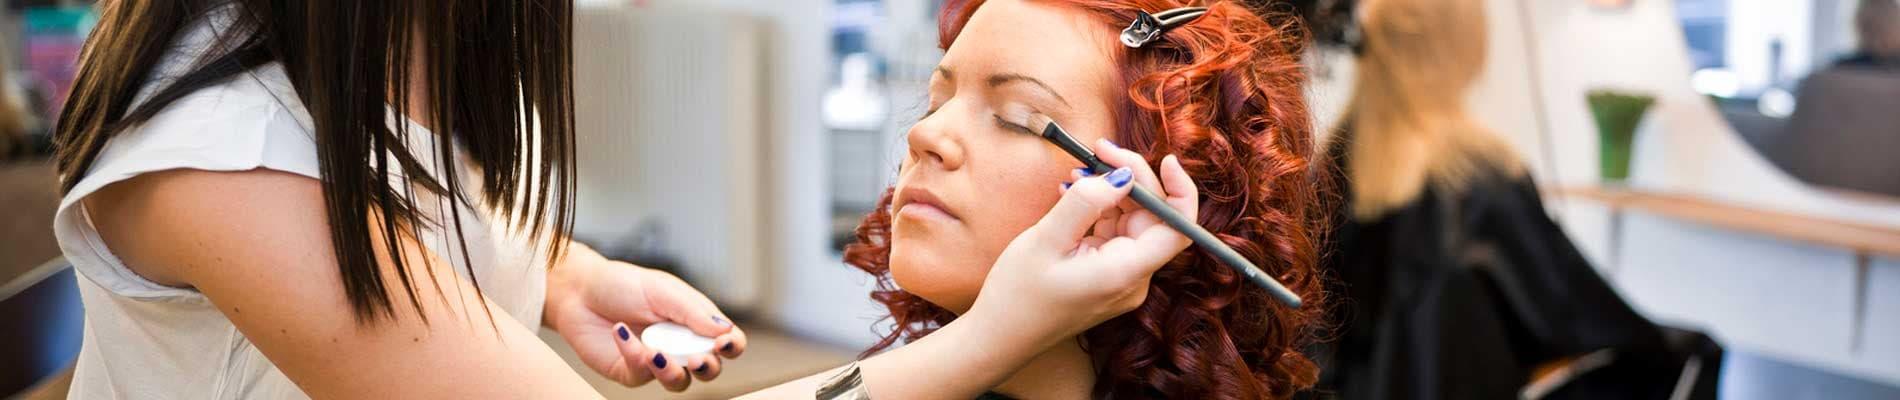 Immagine personale: parrucchieri, estetica, trucco